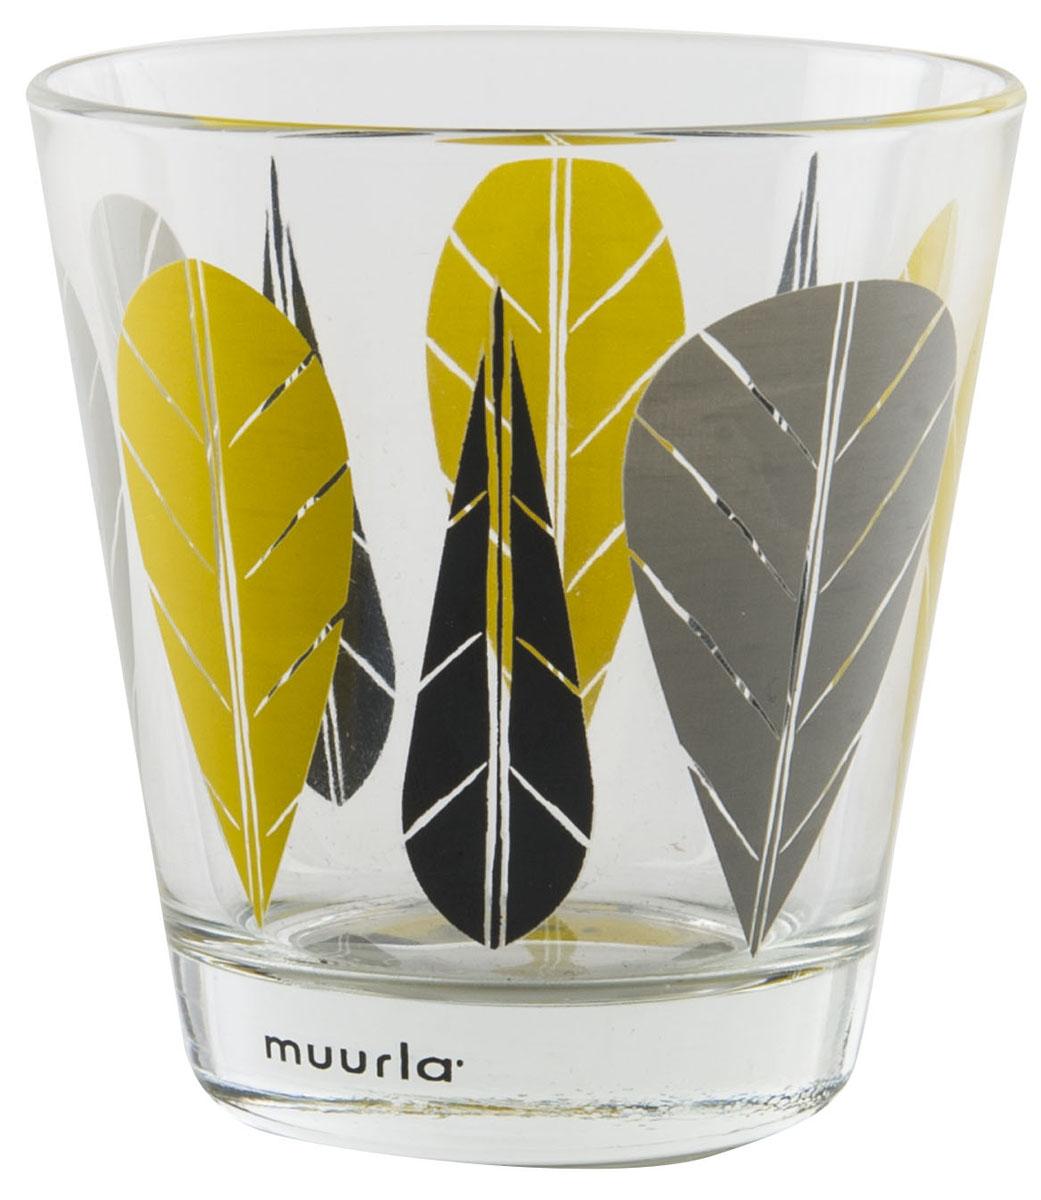 Набор стаканов Muurla Leaves, цвет: прозрачный, 270 мл, 2 шт308-027-02Набор стакан Muurla Leaves с оригинальным принтом изготовлен из стекла. Такойнабор прекрасно подойдетдля различных напитков. Он дополнит коллекцию вашей кухонной посуды и будетслужить долгие годы. В набор входит 2 стакана по 270 мл.